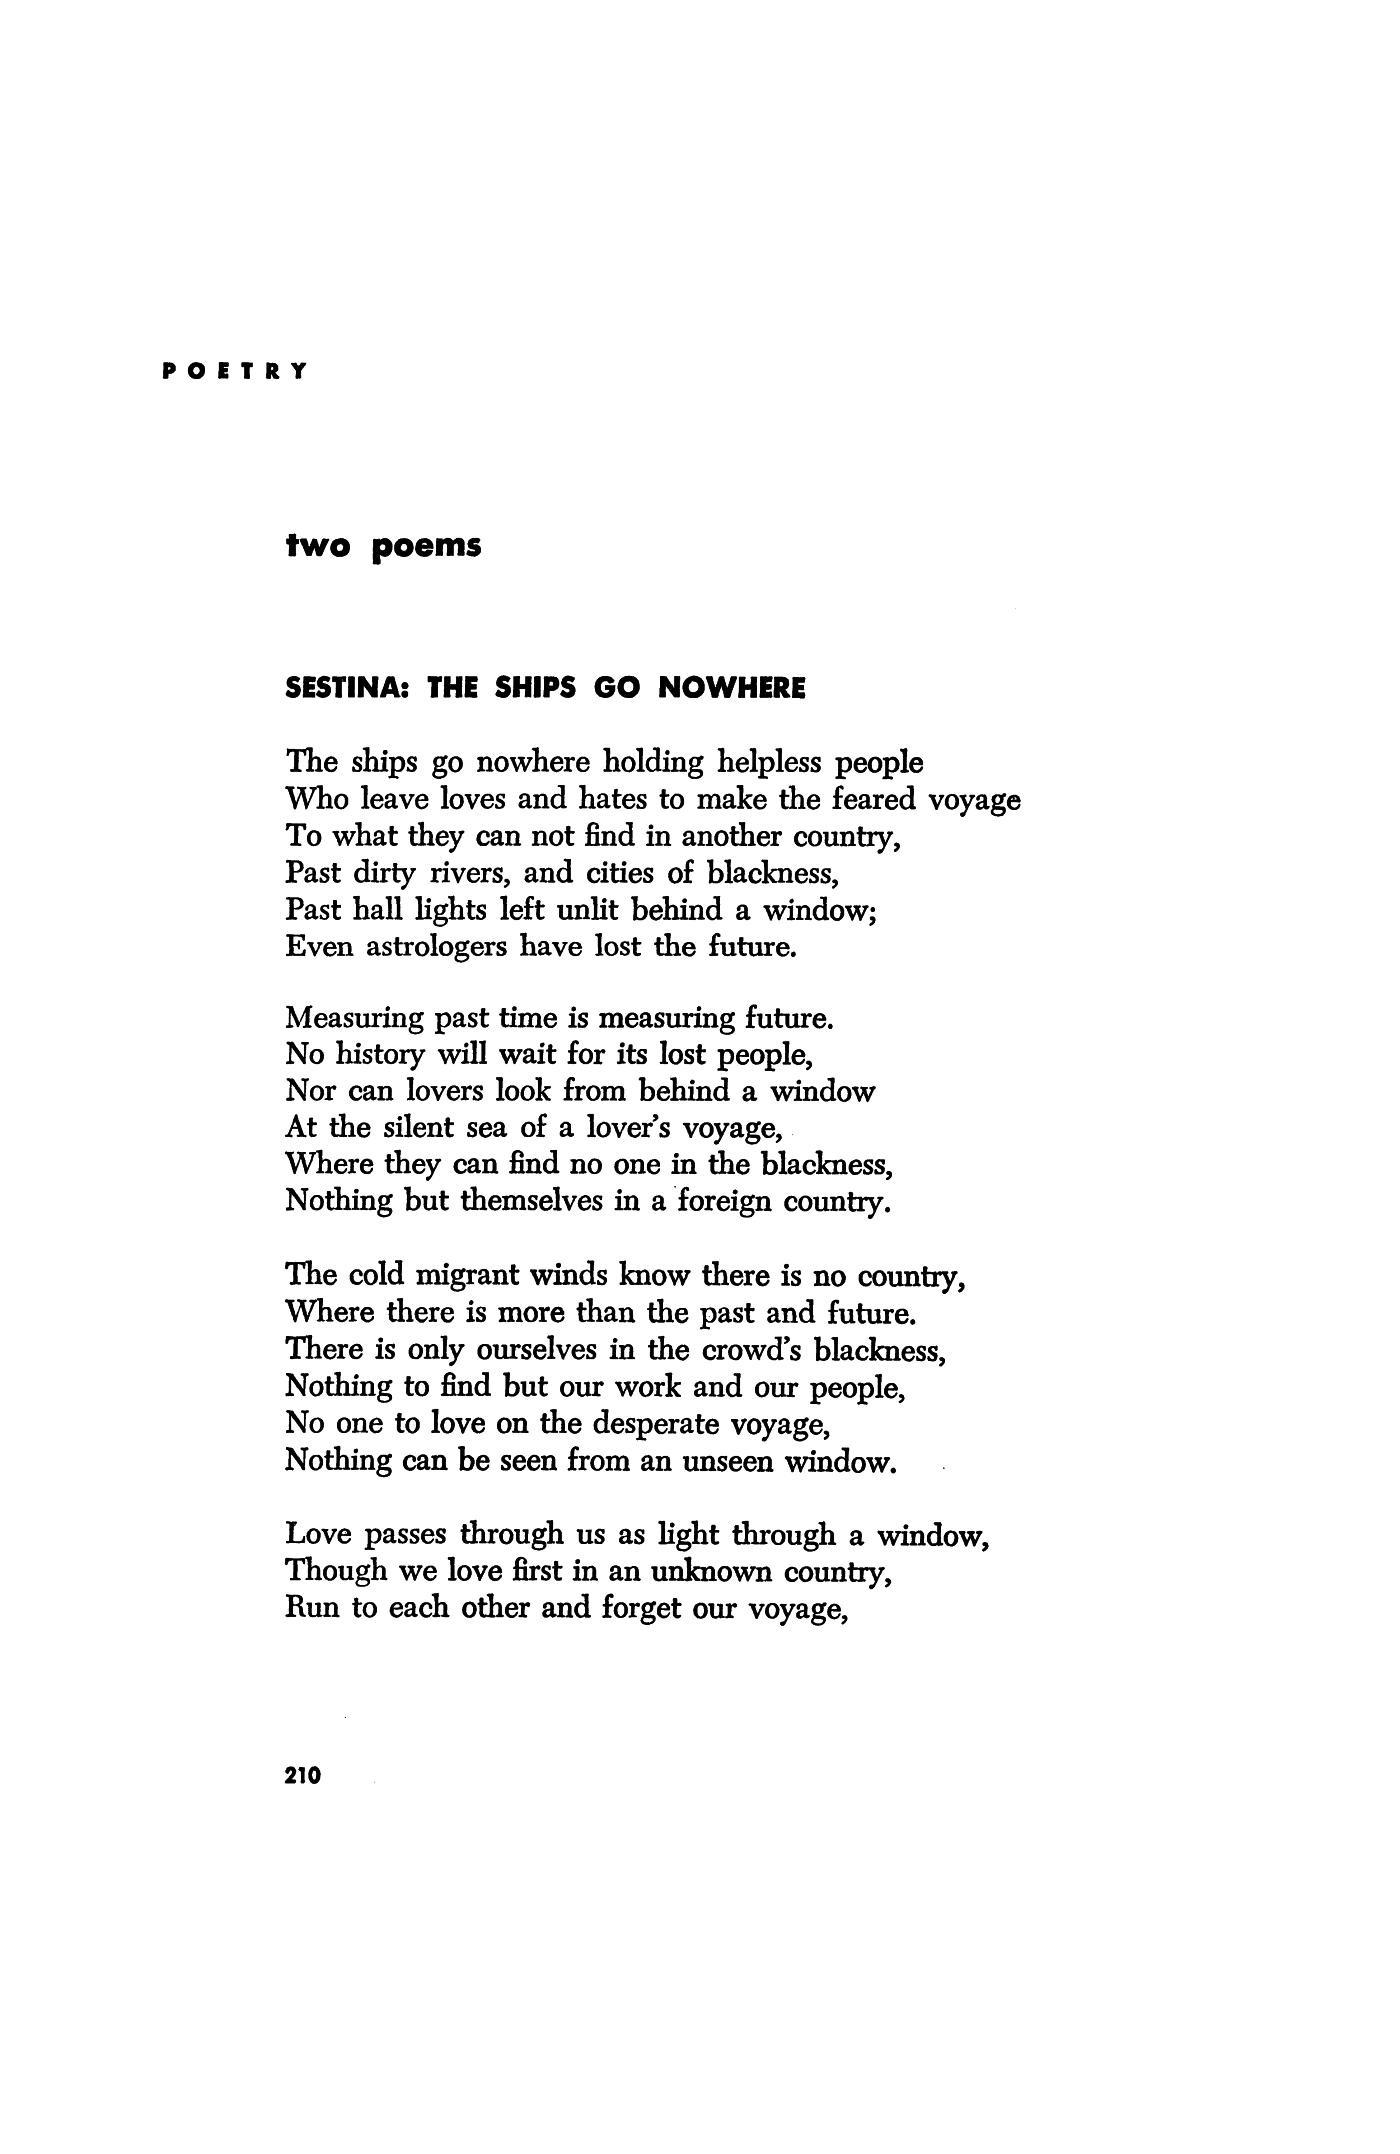 sestina poem by elizabeth bishop